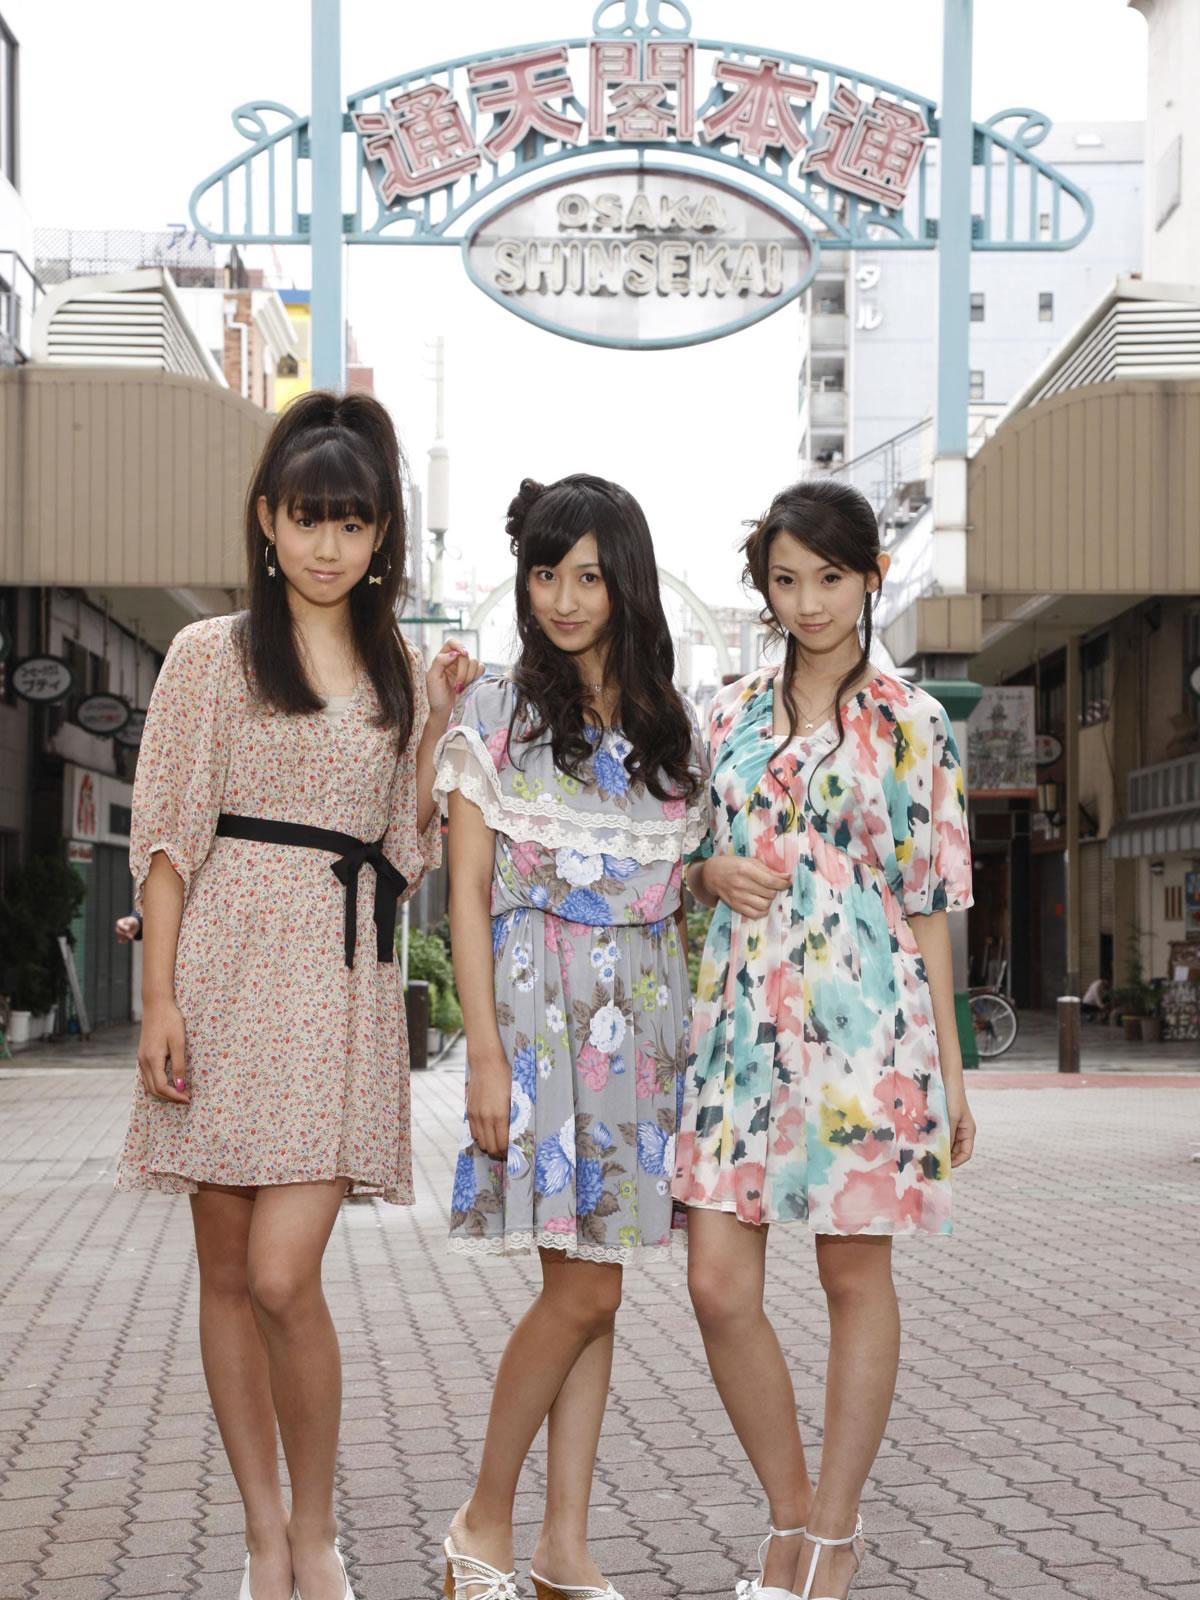 请问这个日本三人女子组合叫什么